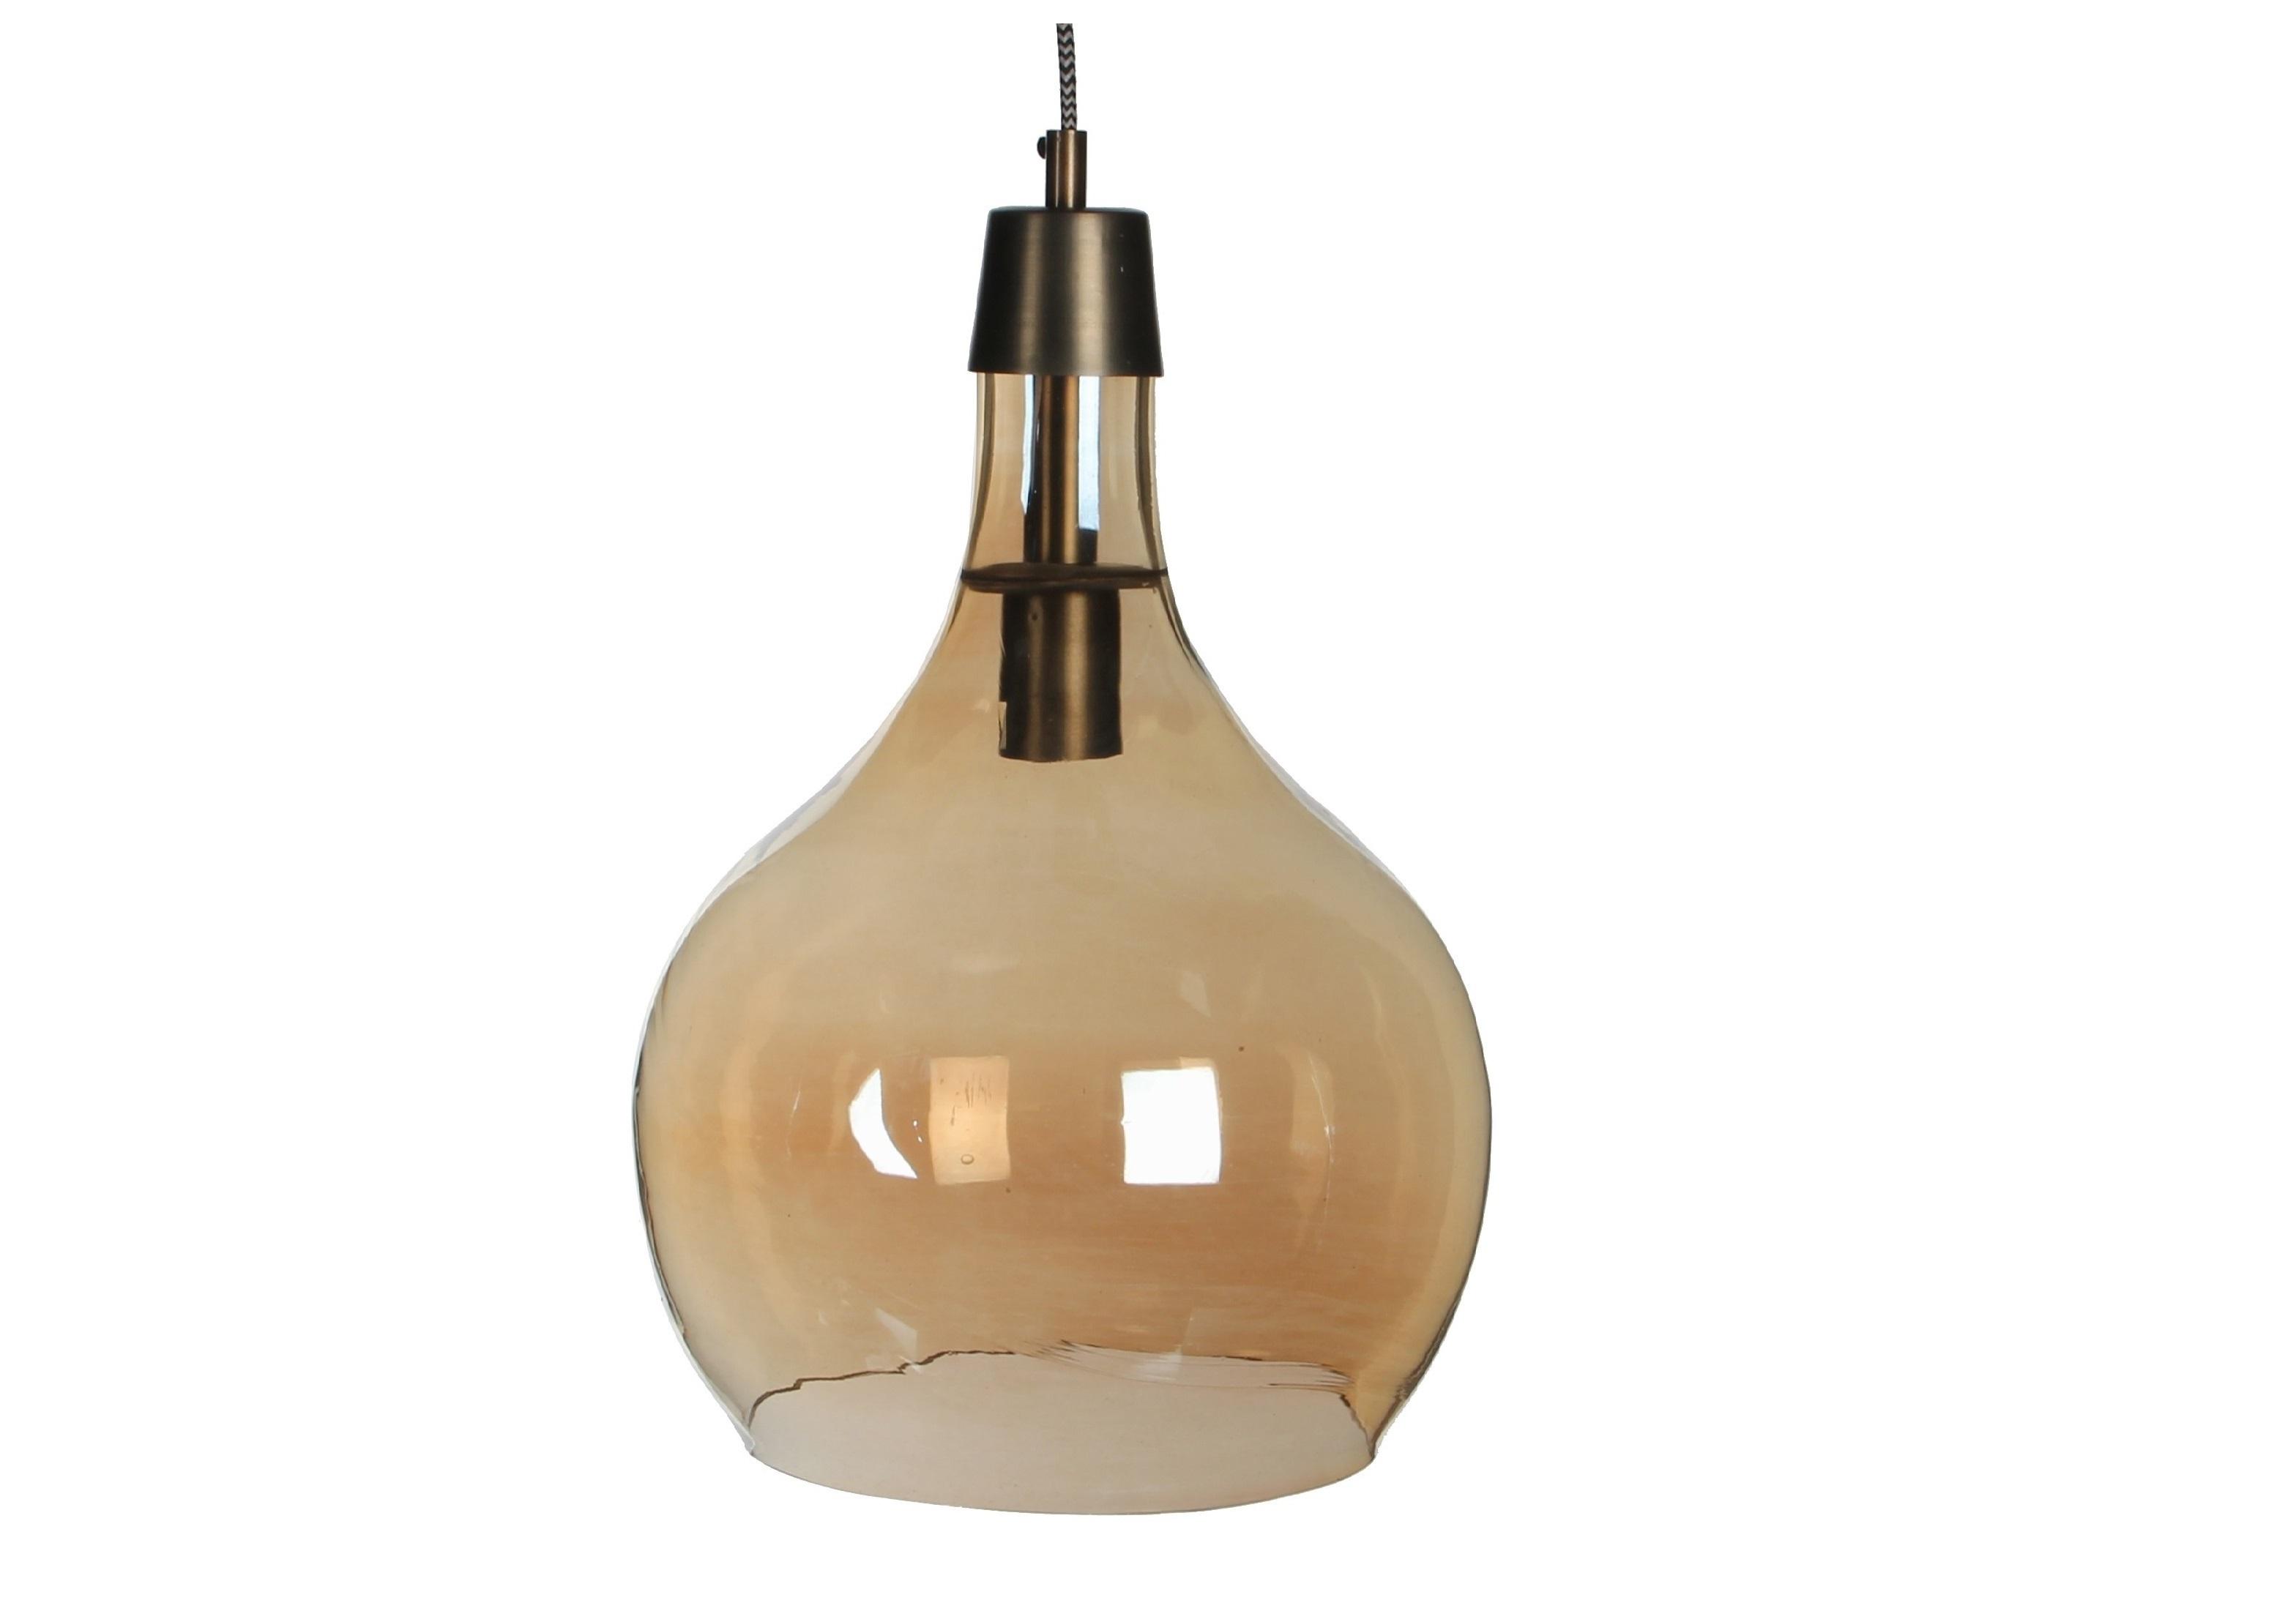 Лампа CLARKПодвесные светильники<br>Легкий стильный светильник из стекла цвета шампань.&amp;lt;div&amp;gt;&amp;lt;br&amp;gt;&amp;lt;/div&amp;gt;&amp;lt;div&amp;gt;Вид цоколя: Е27&amp;lt;/div&amp;gt;&amp;lt;div&amp;gt;Мощность: 60W&amp;lt;/div&amp;gt;&amp;lt;div&amp;gt;Количество ламп: 1&amp;lt;/div&amp;gt;&amp;lt;div&amp;gt;&amp;lt;br&amp;gt;&amp;lt;/div&amp;gt;&amp;lt;div&amp;gt;.&amp;amp;nbsp;&amp;lt;/div&amp;gt;<br><br>Material: Стекло<br>Height см: 42<br>Diameter см: 30